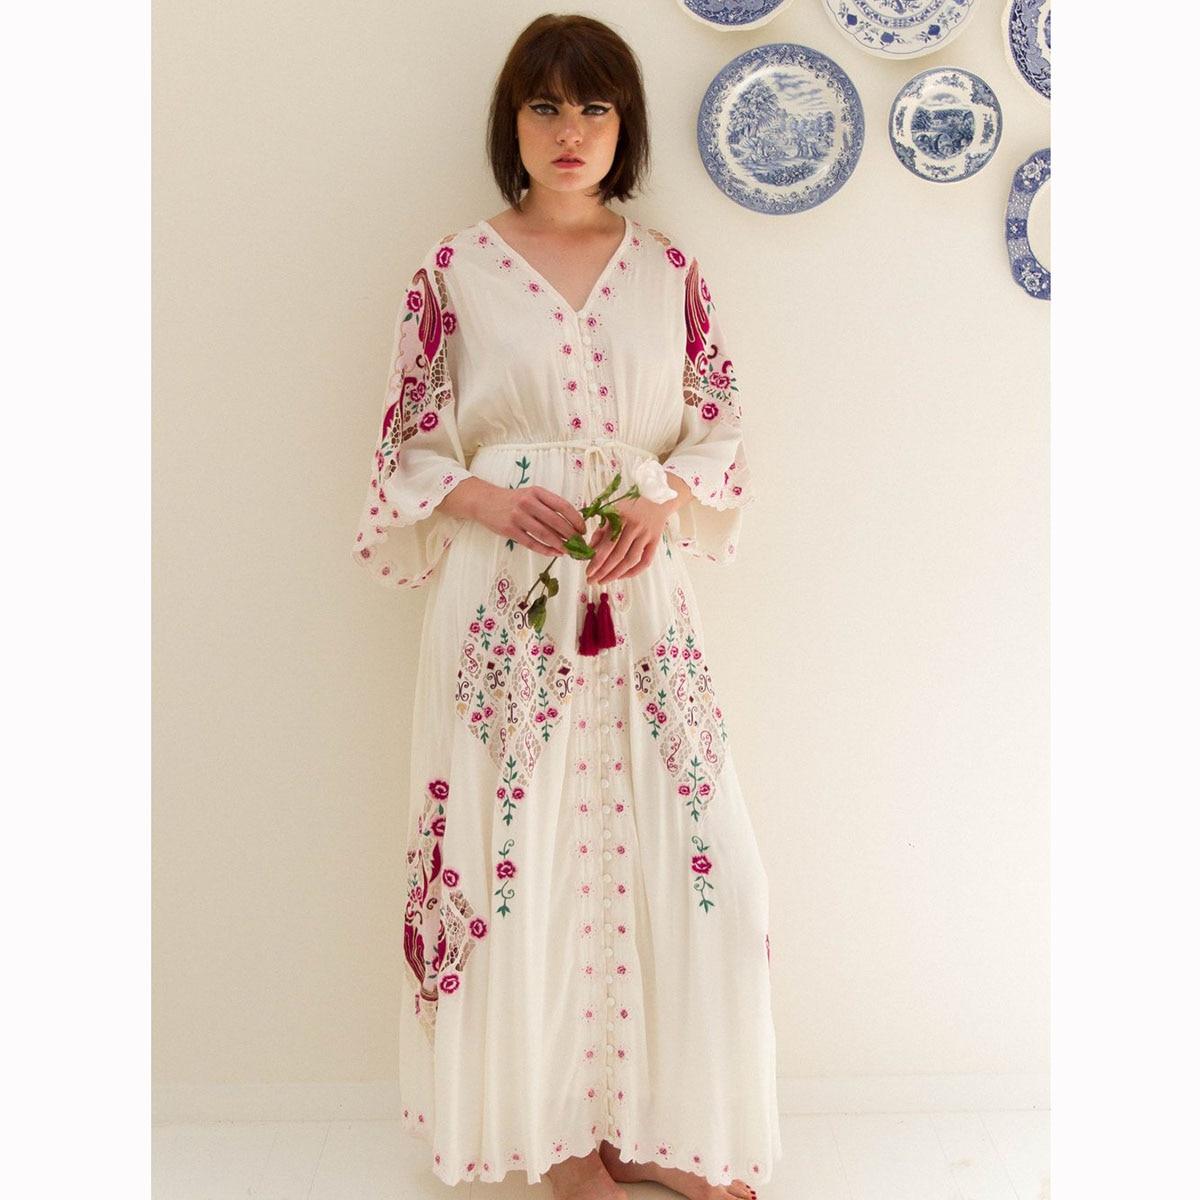 Ethnique Floral Maxi robe pour femmes 3/4 Manches Flare à manches longues Chic robes lâches Dames 2019 D'été Boho Plage Hippie conduites de carburant